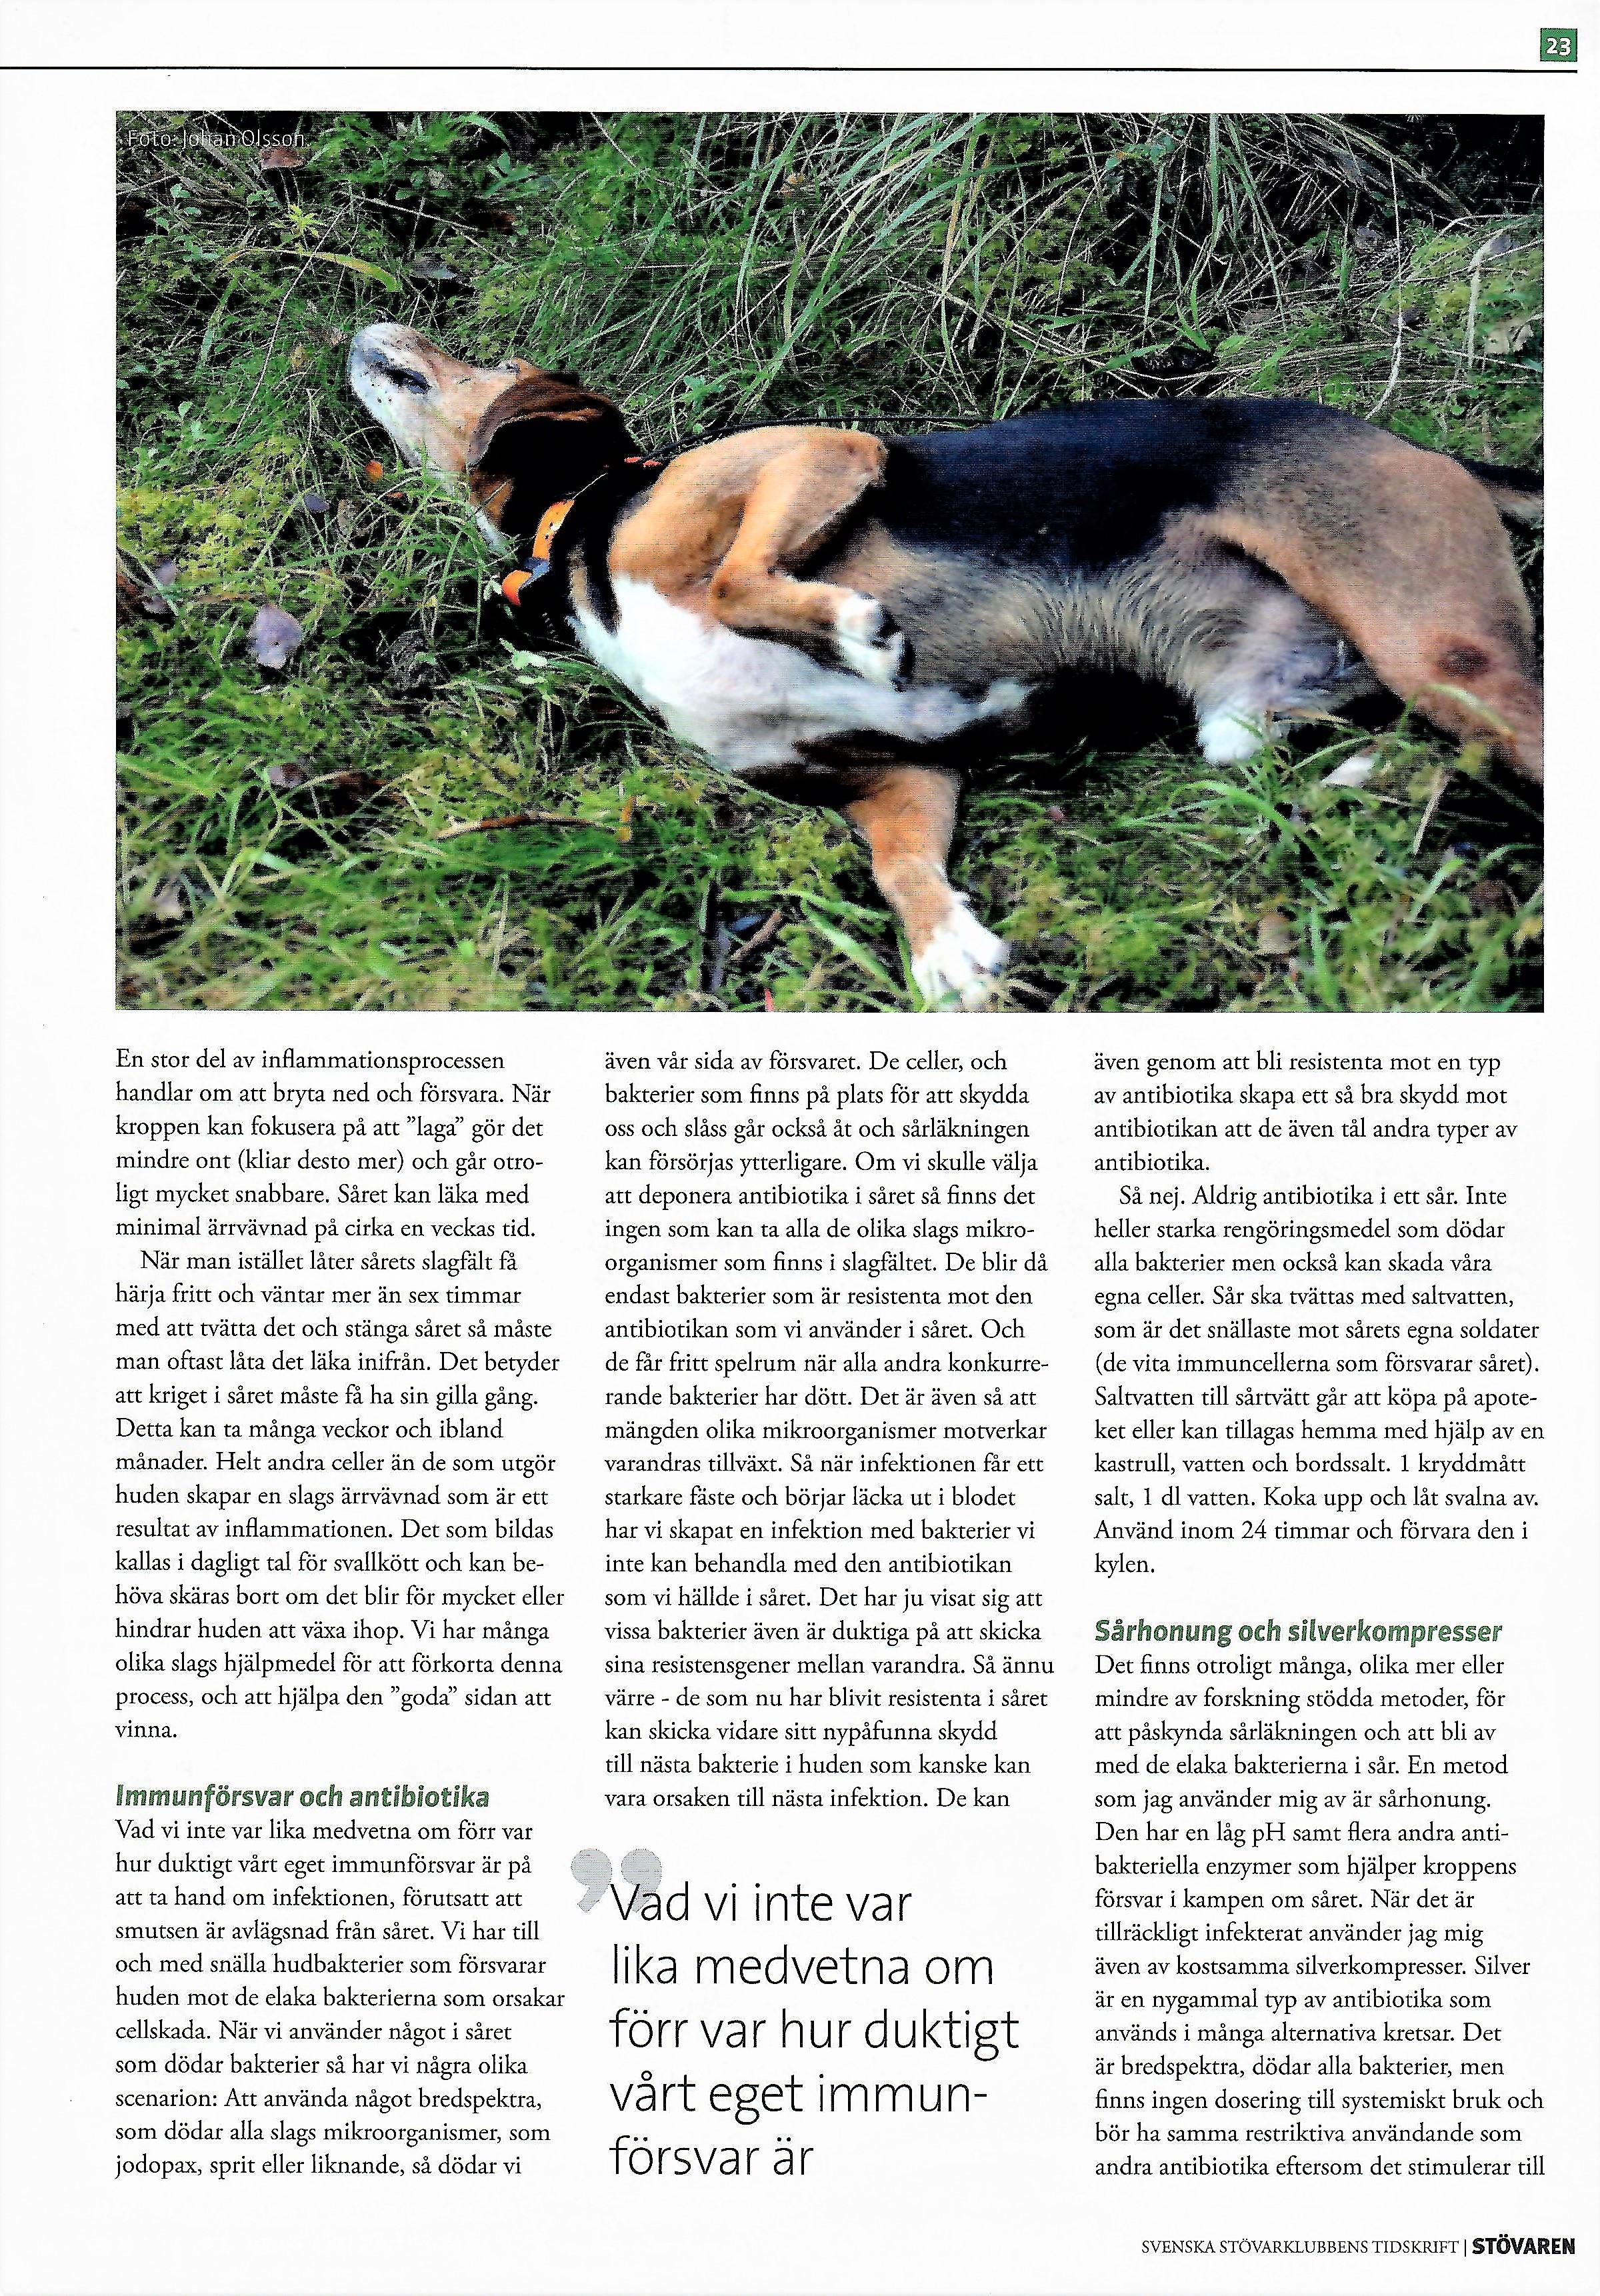 sida två om sår och sårvård i tidningen Stövaren